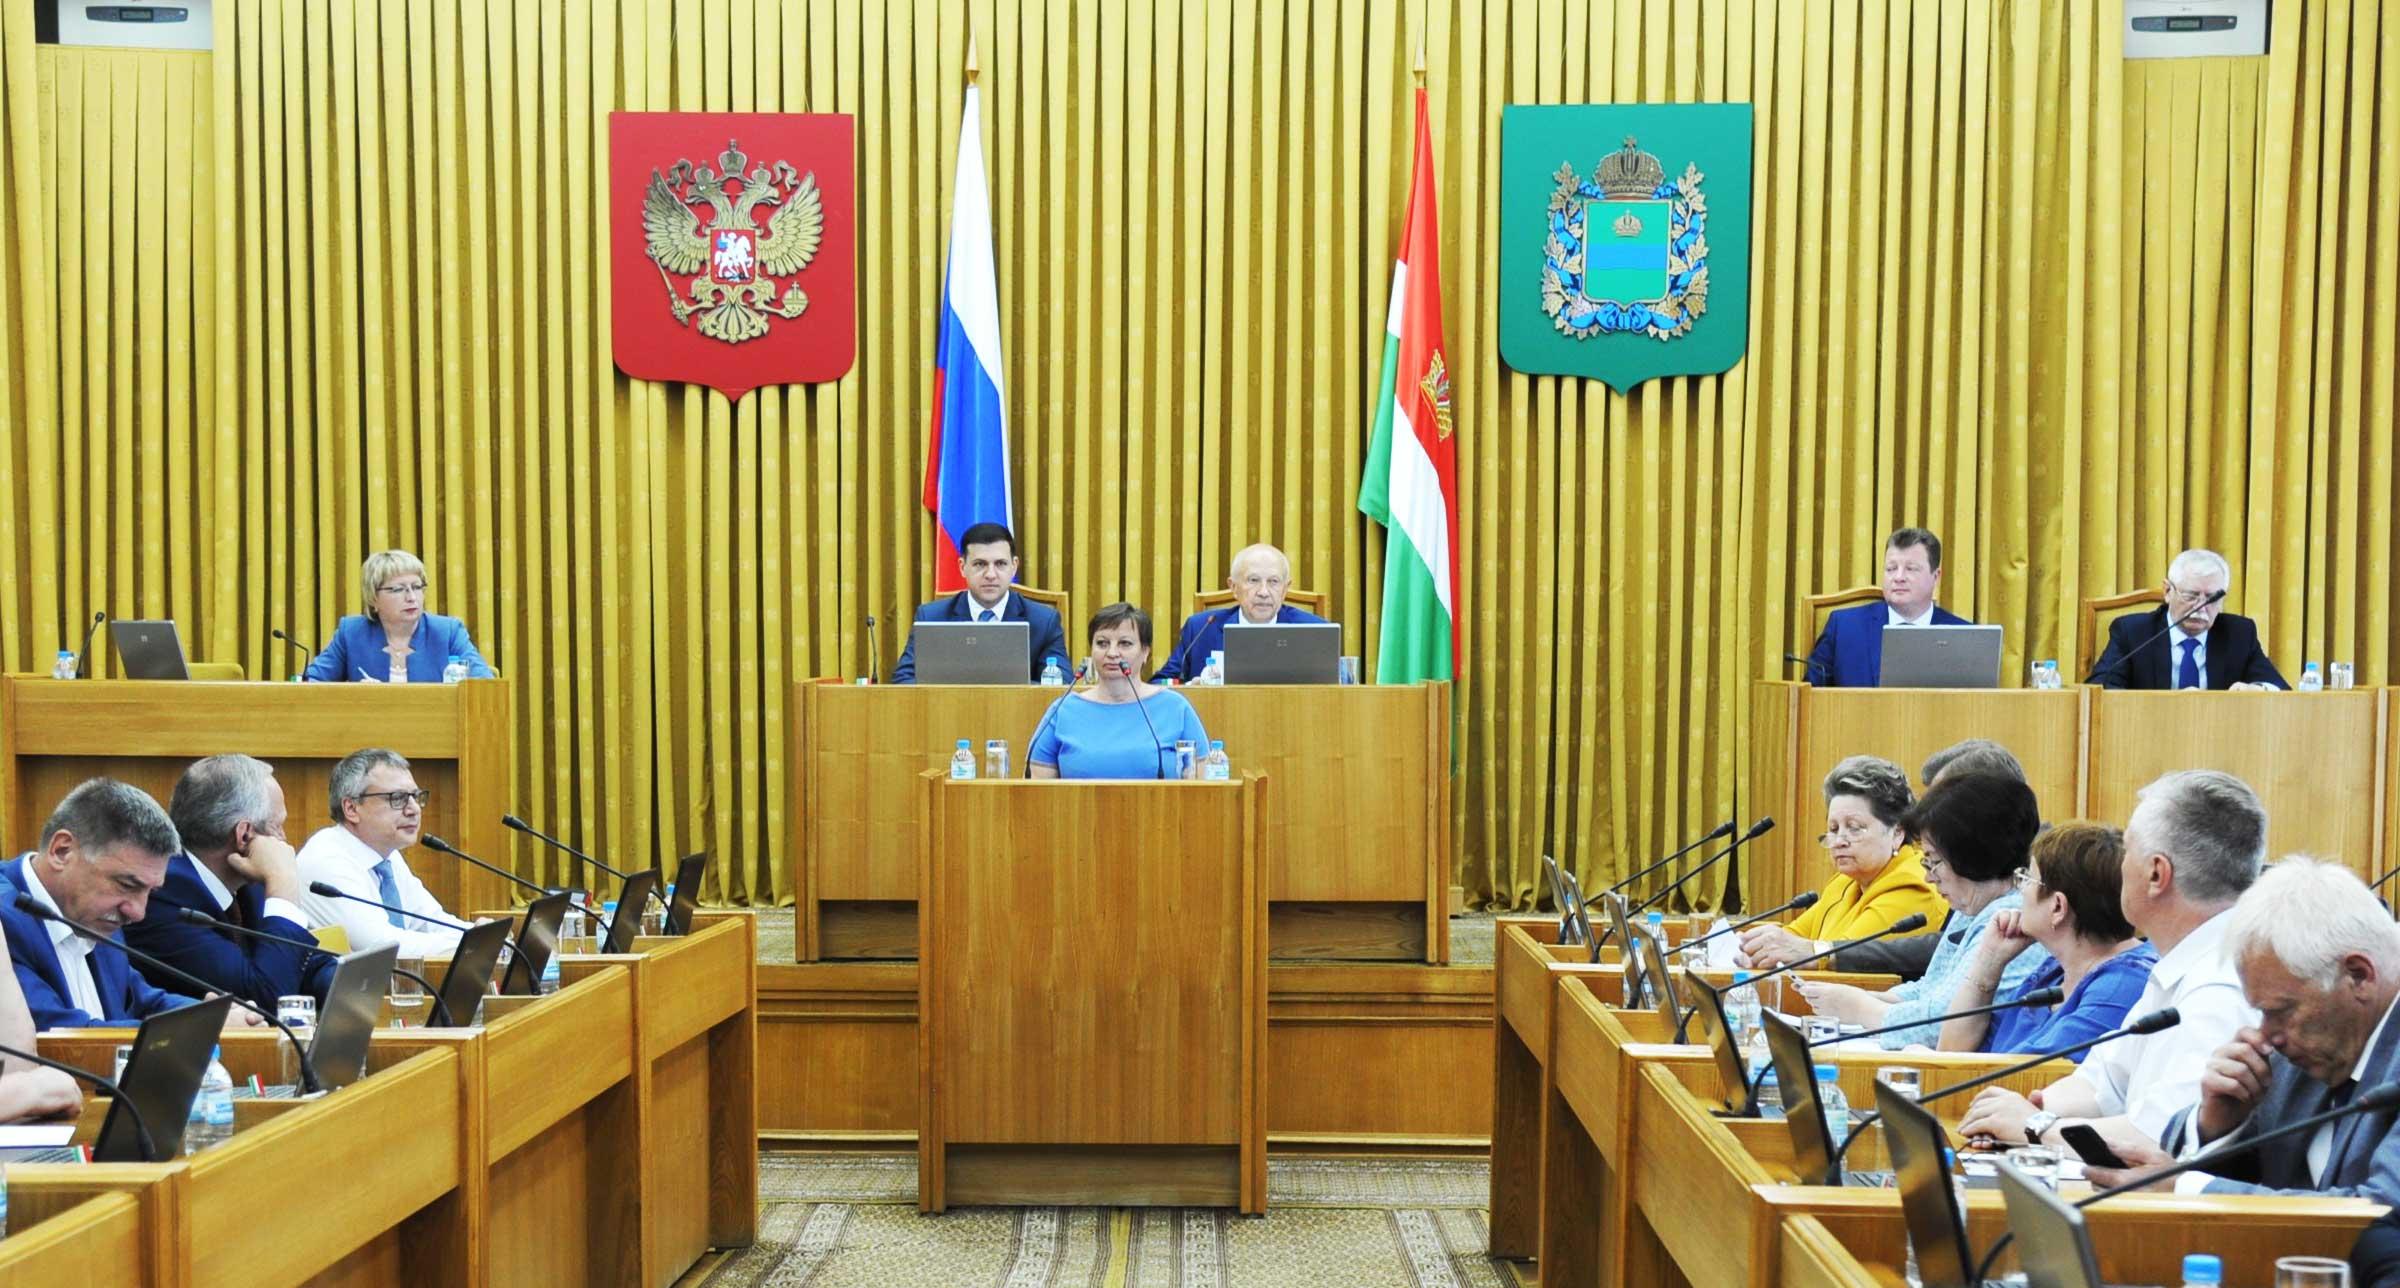 обсуждения важных вопросов Законодательным собранием